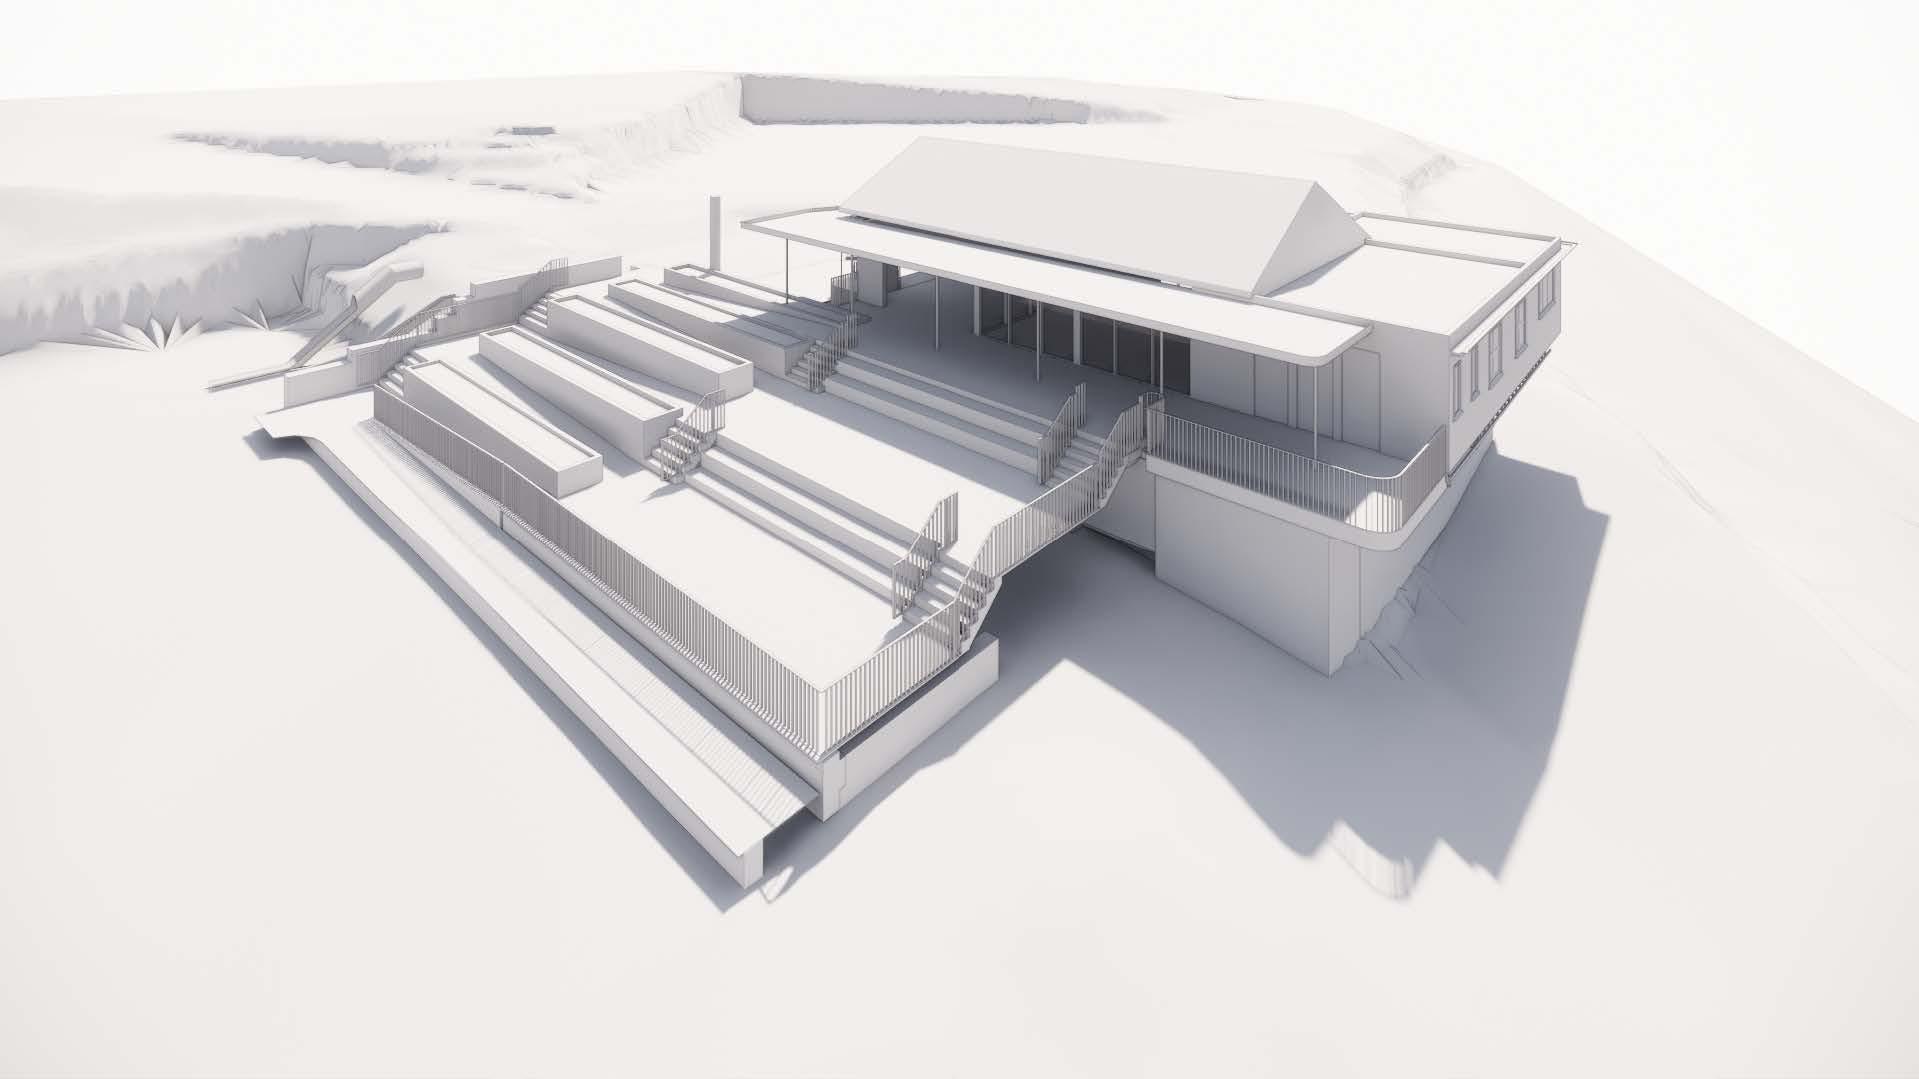 WCC_Artarmon Pavilion_3D View_Page_3.jpg